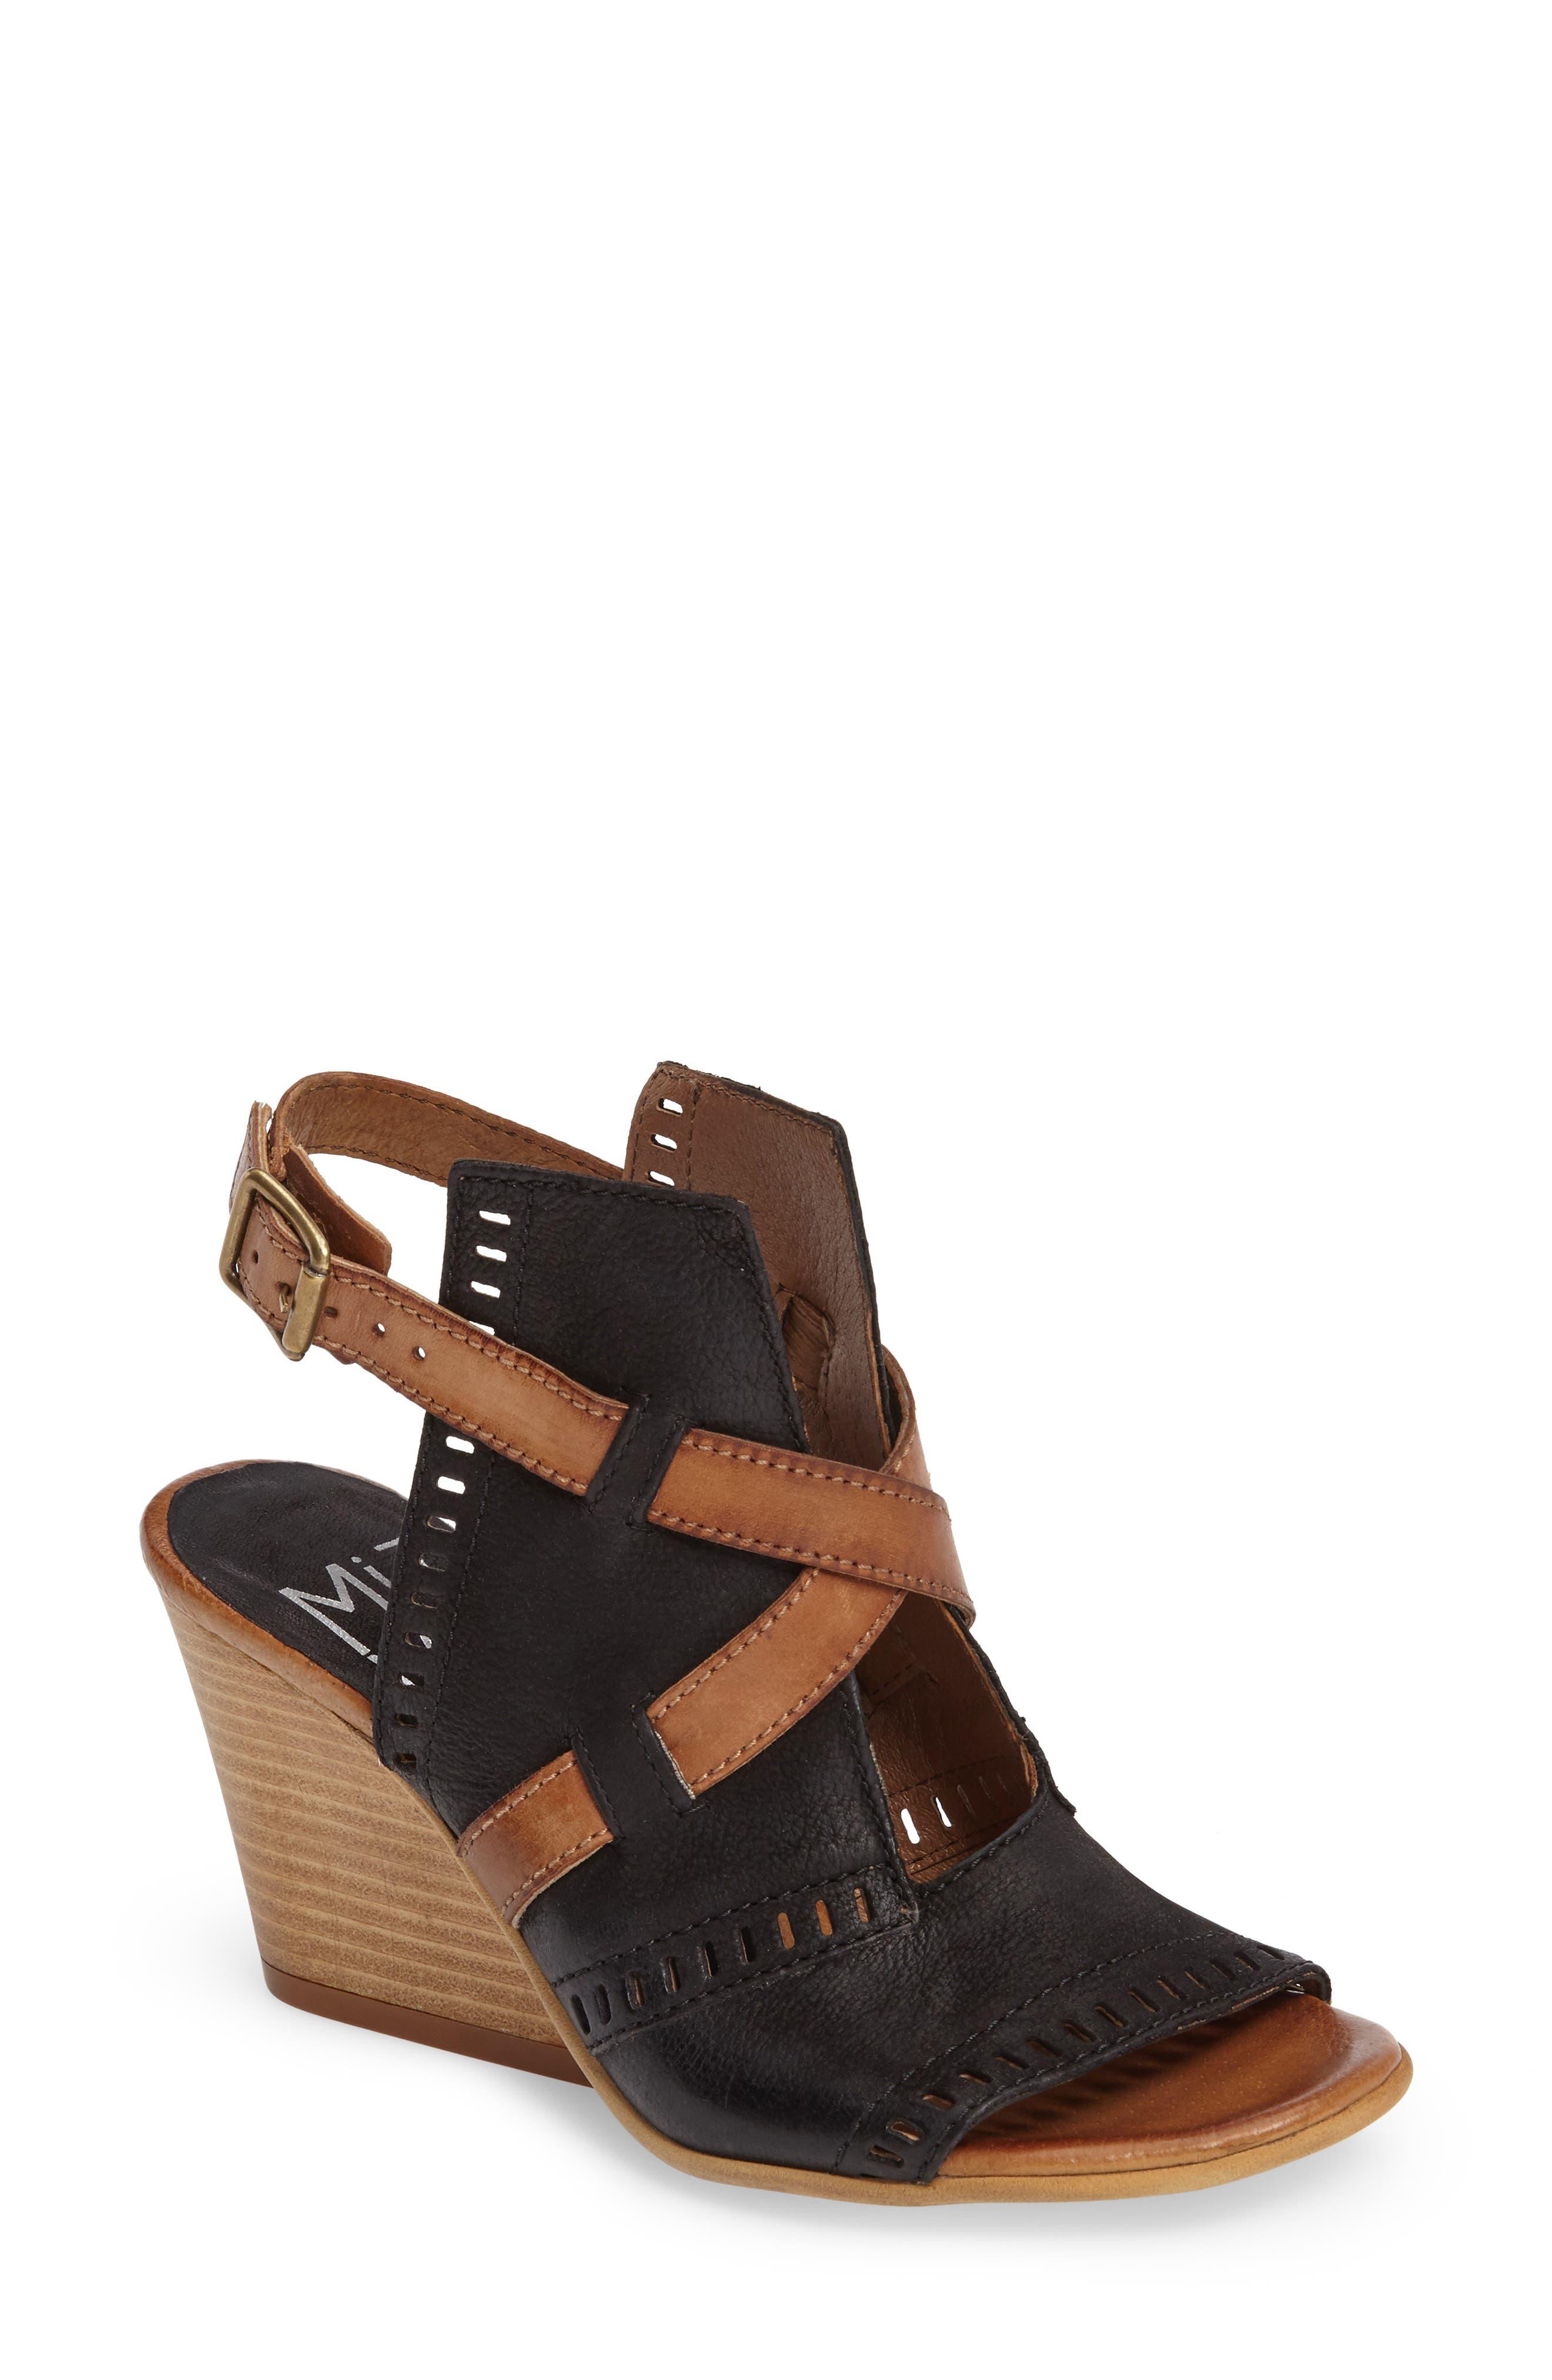 Miz Mooz Kipling Perforated Sandal (Women)